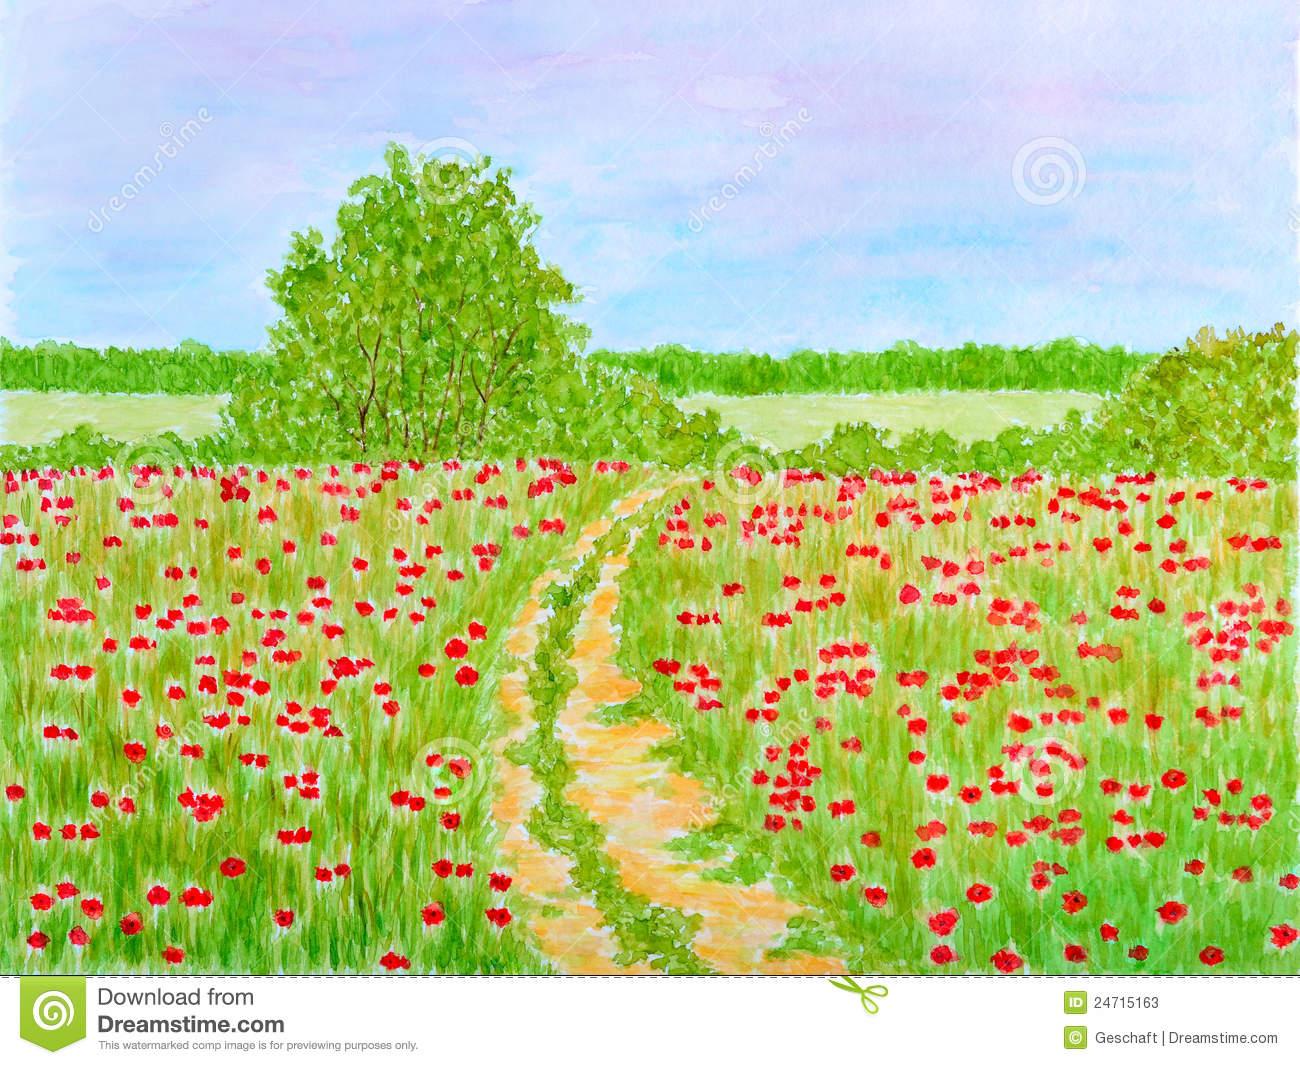 Flower meadow clipart.